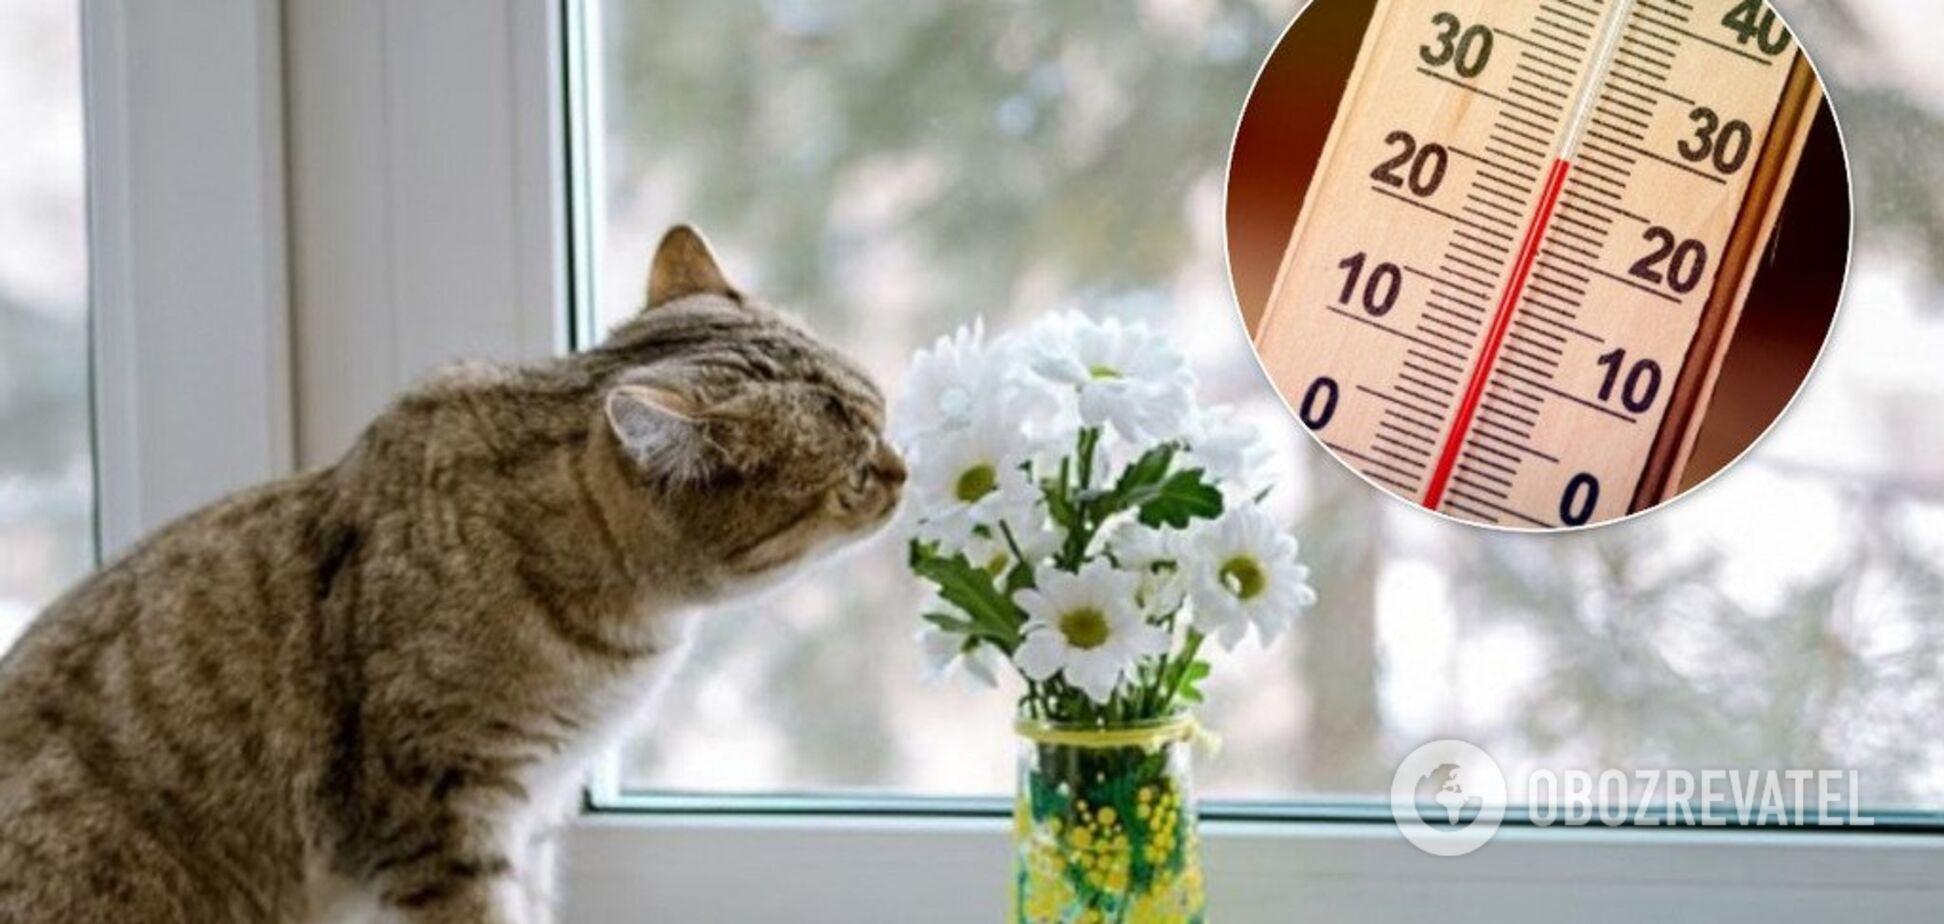 У середу, 18 грудня, в Україні очікується до 15 градусів тепла